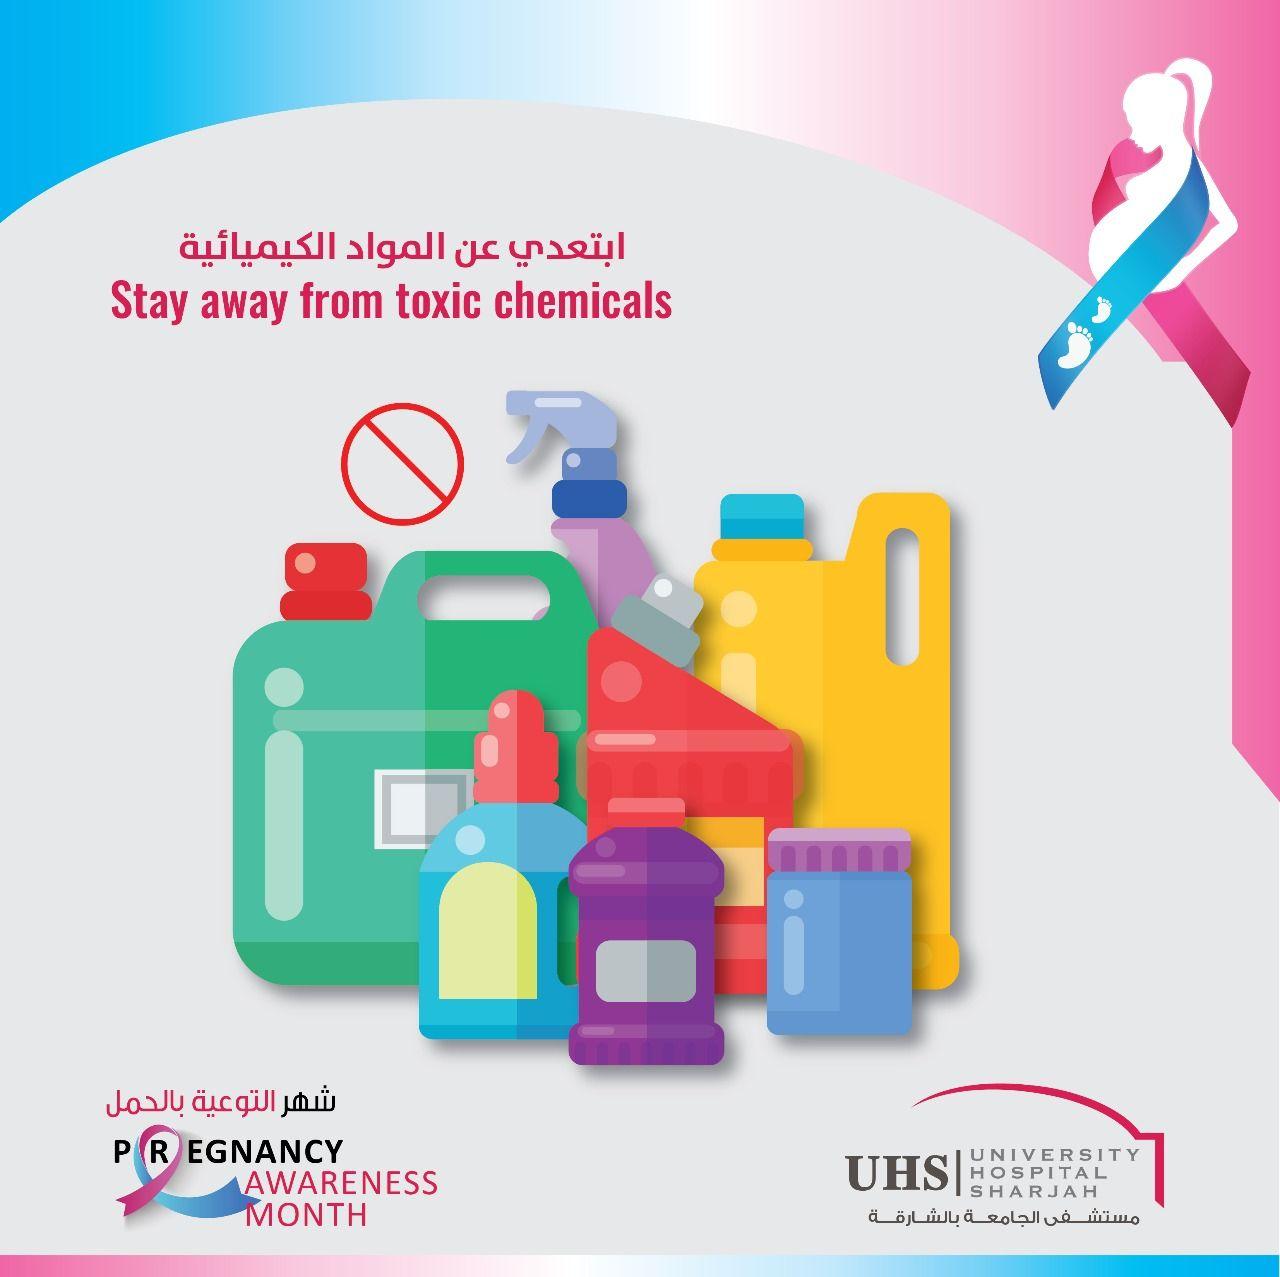 حاولي الابتعاد قدر الإمكان عن المواد الكيميائية السامة في المنزل أو في العمل بما في ذلك المذيبات والمبيدات الحشرية واستنشاق أد Awareness Awareness Month Months